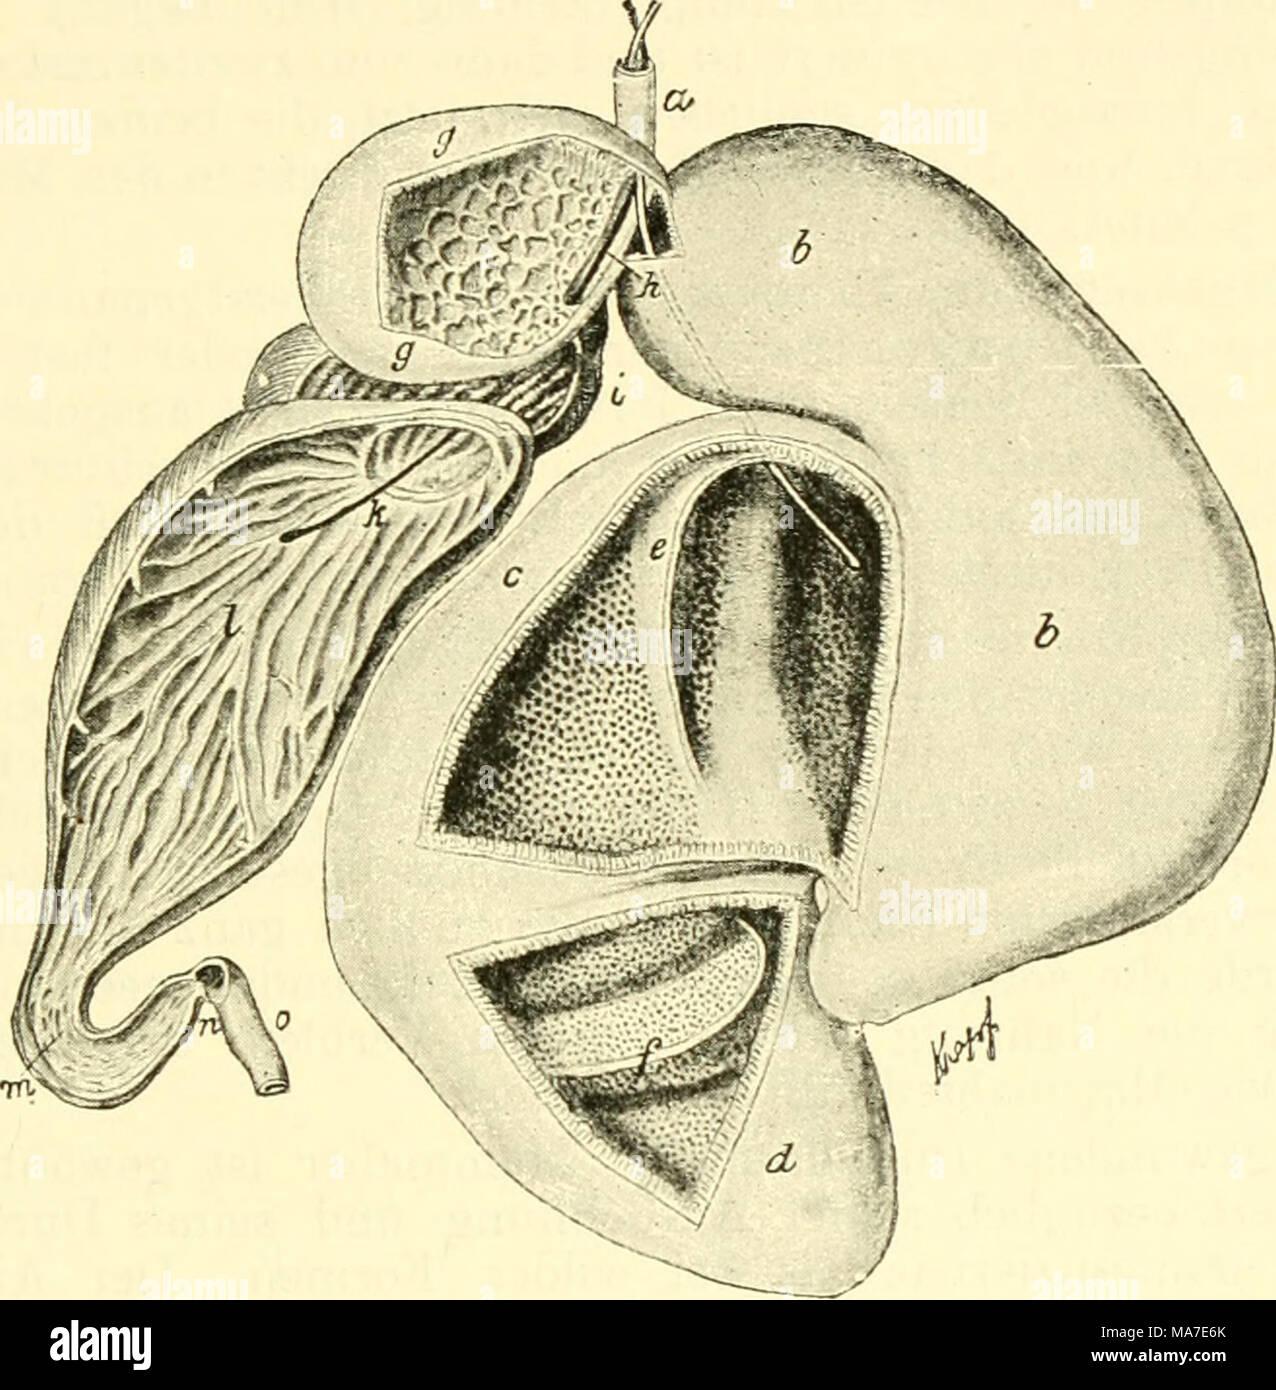 Ausgezeichnet Stirnbein Anatomie Ideen - Anatomie Ideen - finotti.info